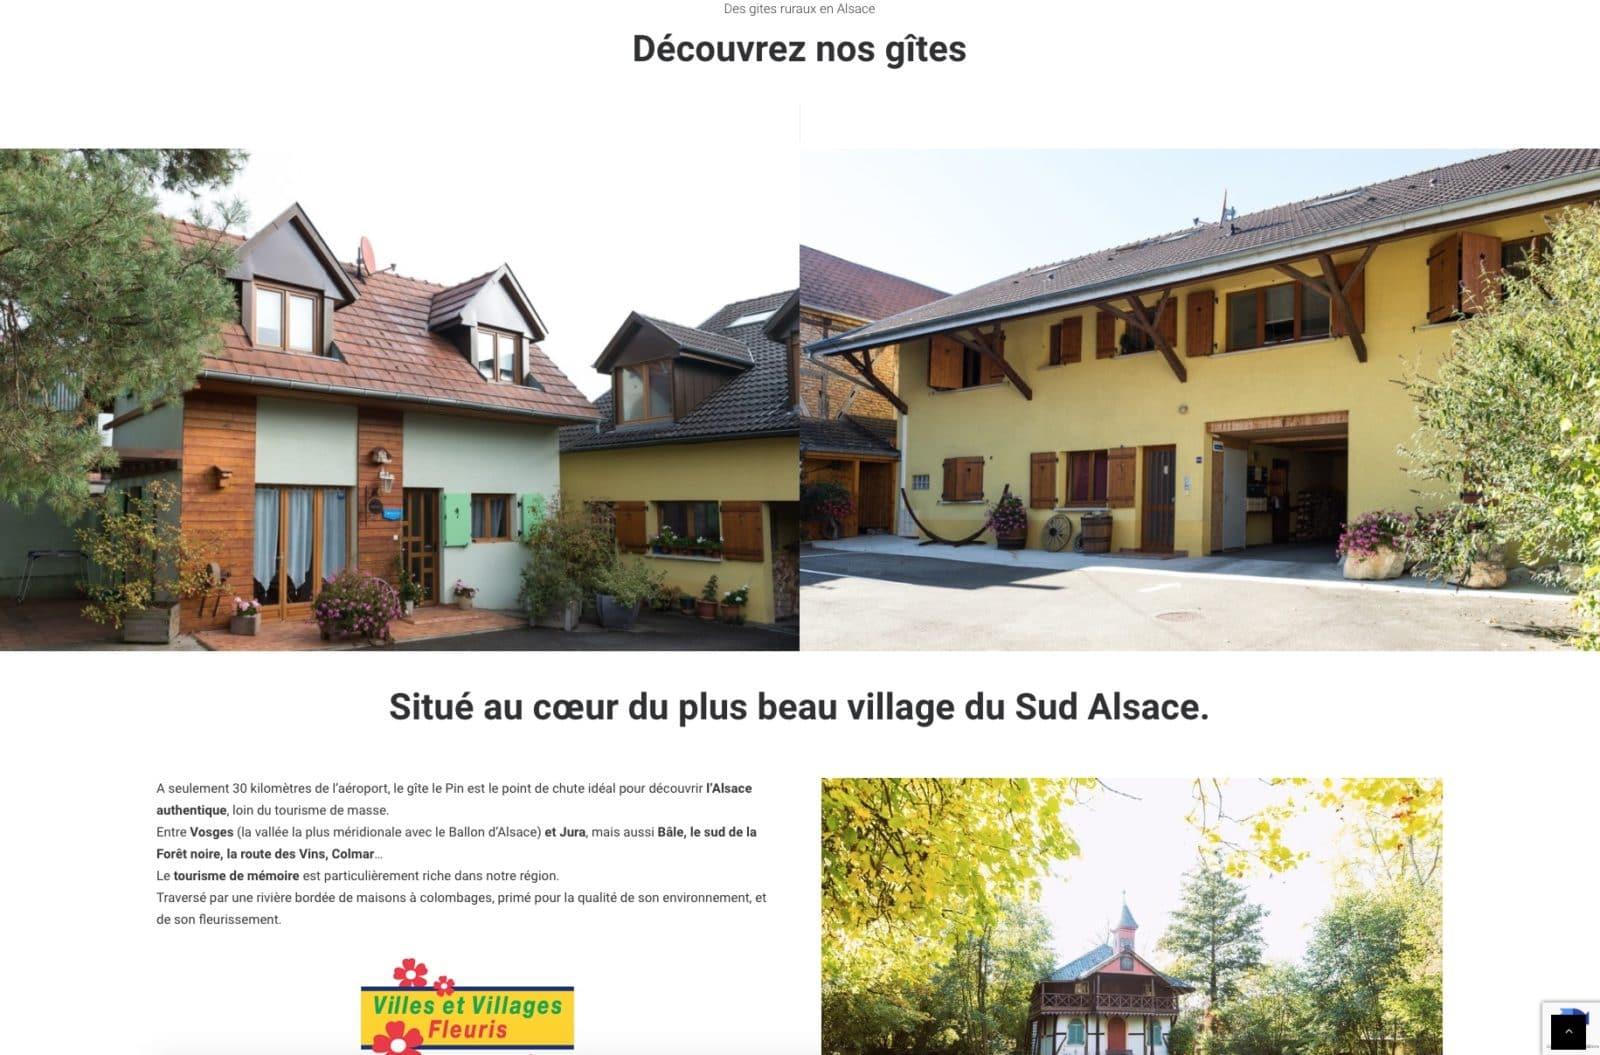 Gîte rural à fait confiance en l'agence web Karedess, situé à Mulhouse